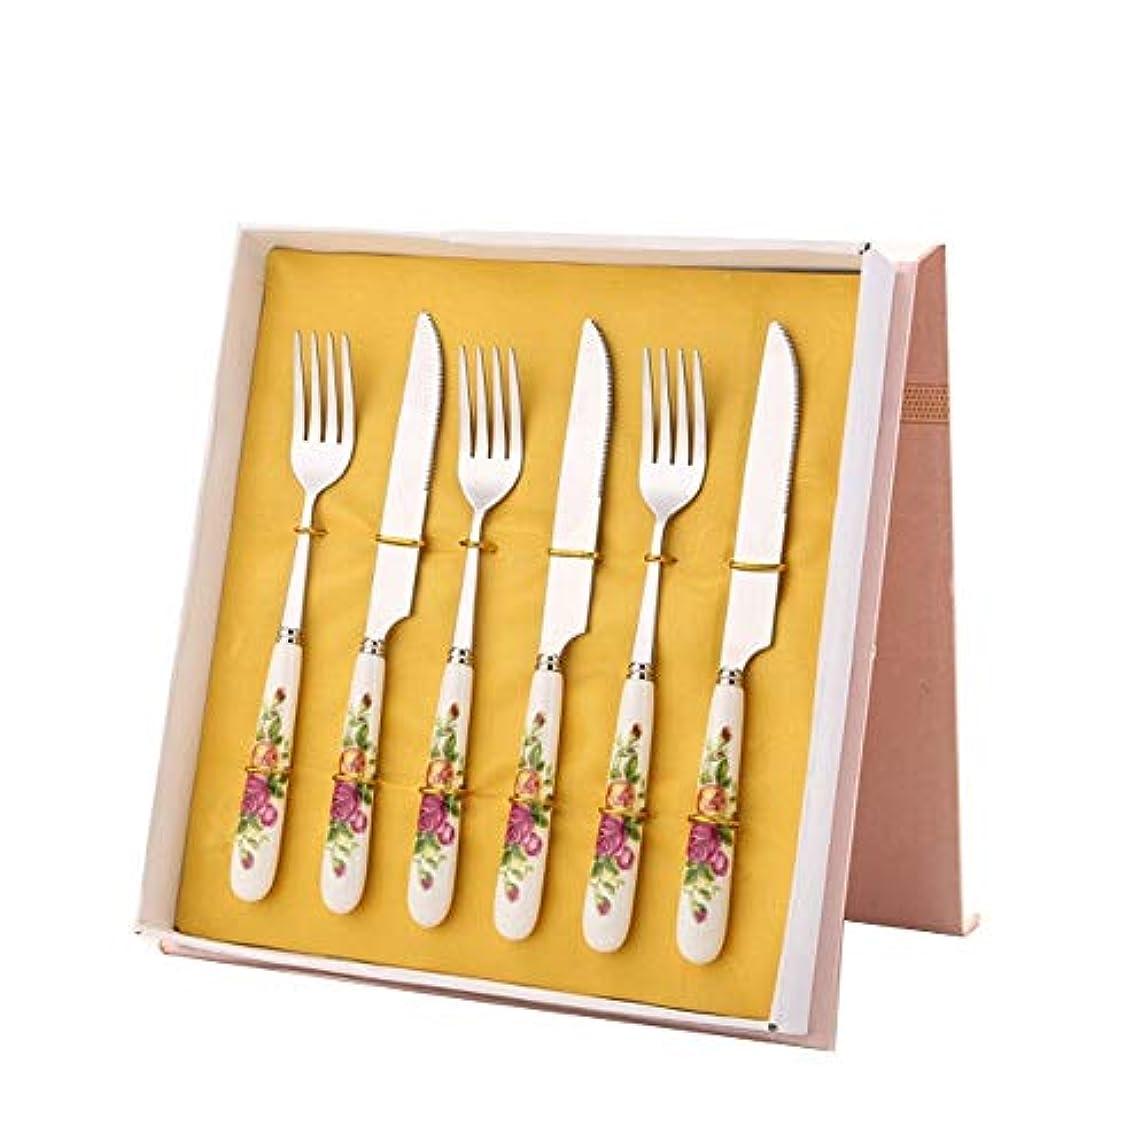 違反絶縁する配管8HAOWENJU 西部カトラリー、西部カトラリーセット、ホームステンレス鋼ステーキカトラリーセット、カトラリースリーピースギフトボックス、高品質、最高の贈り物 高品質 - 最新スタイル (Color : A)